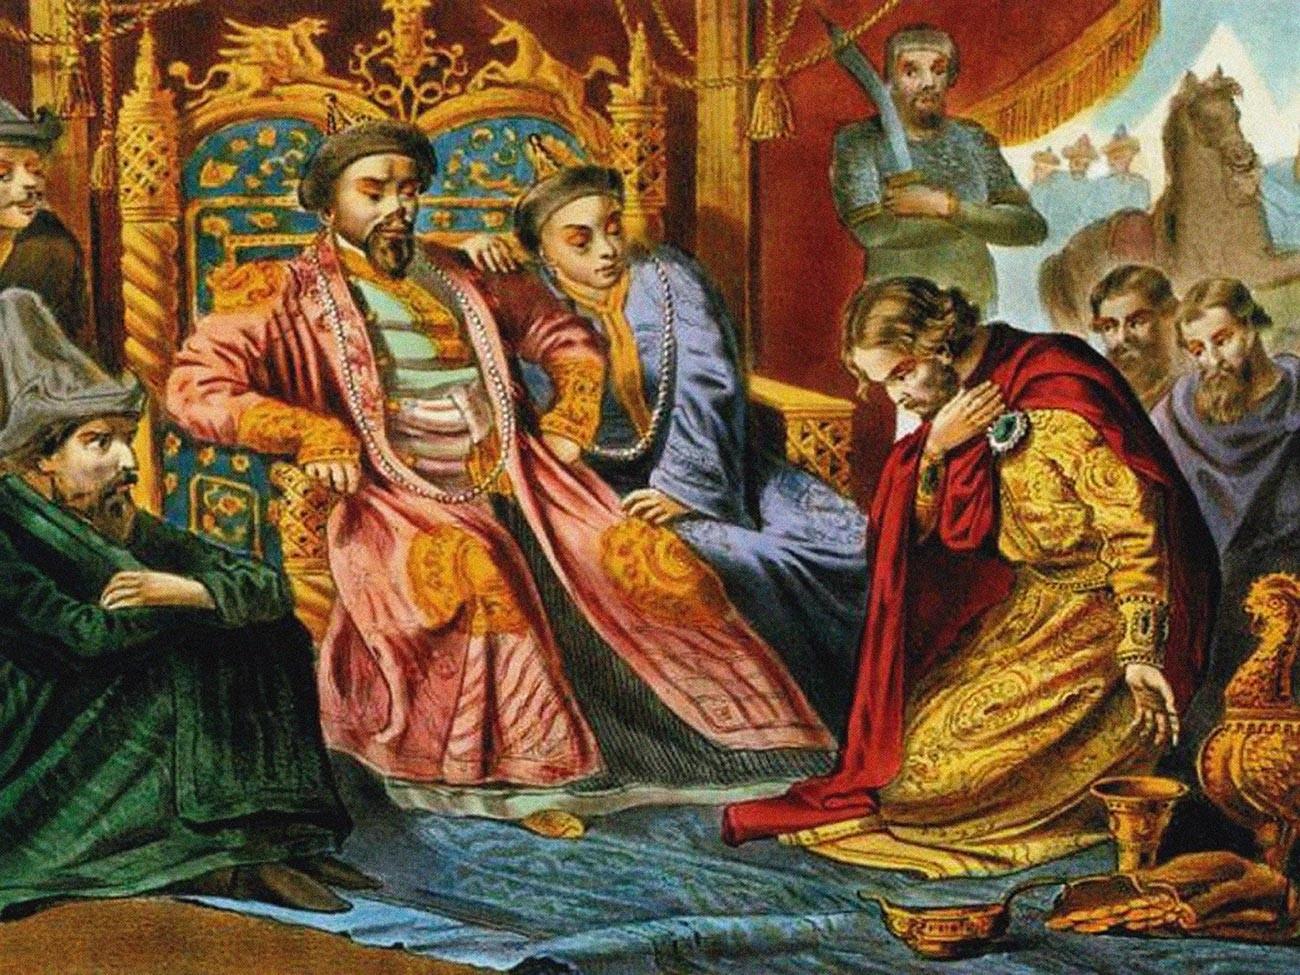 O Príncipe Aleksandr Niévski implorando a Batu Cã que tivesse misericórdia quanto à Rússia, em pintura do final do século 19. Obra encontrada na coleção da Biblioteca Estatal Russa, em Moscou.